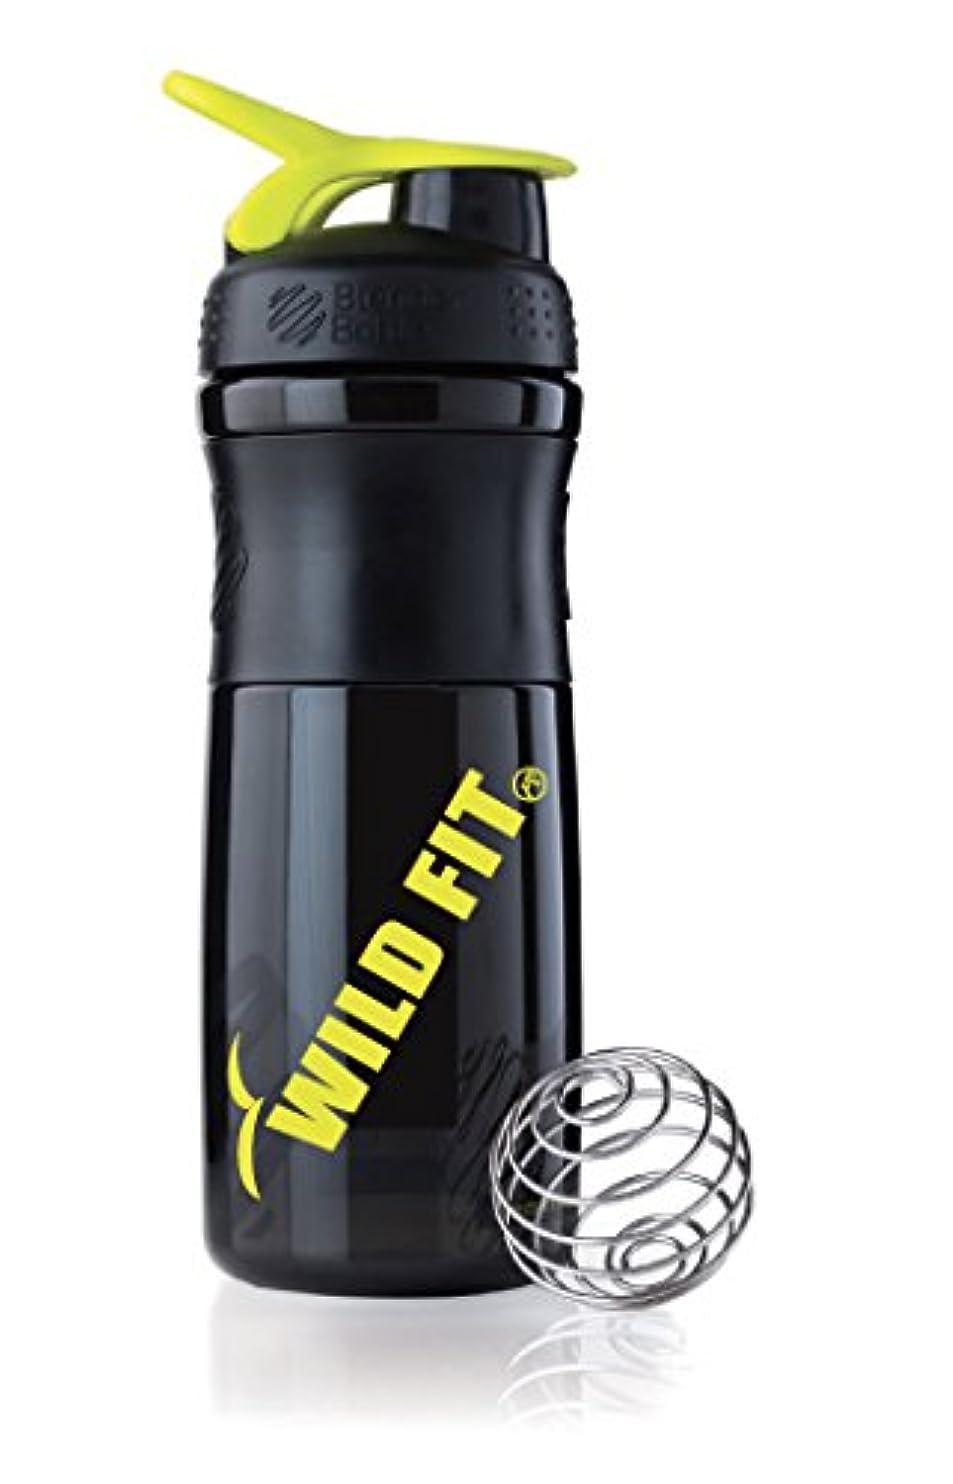 降雨ビクターサバントオリジナル シェイカー プロテイン ボトル [μ-up(ミューアップ)シリーズ][WILD FIT ワイルドフィット]